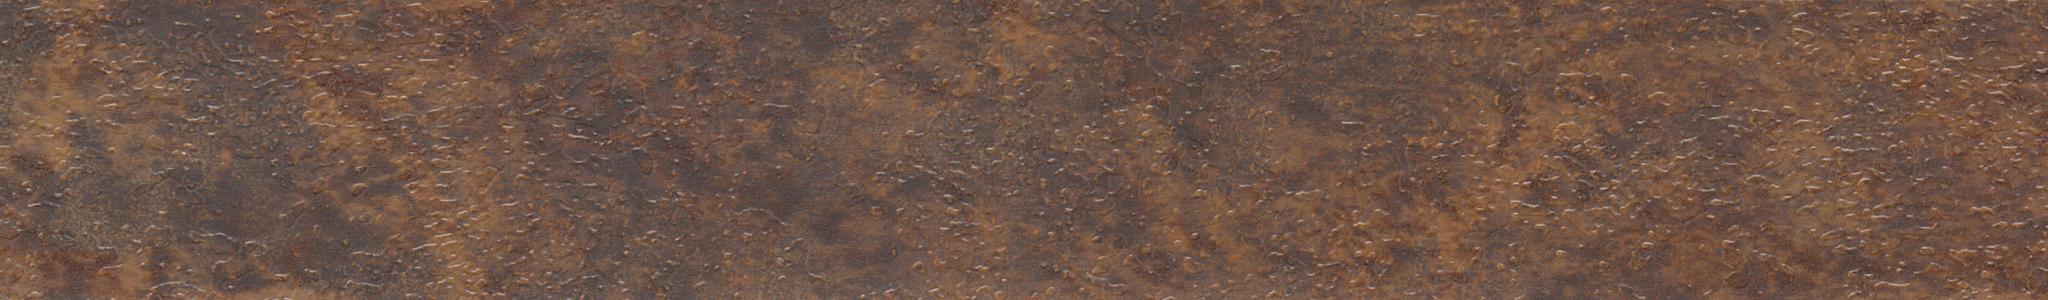 HD 29310 ABS hrana keramika rez